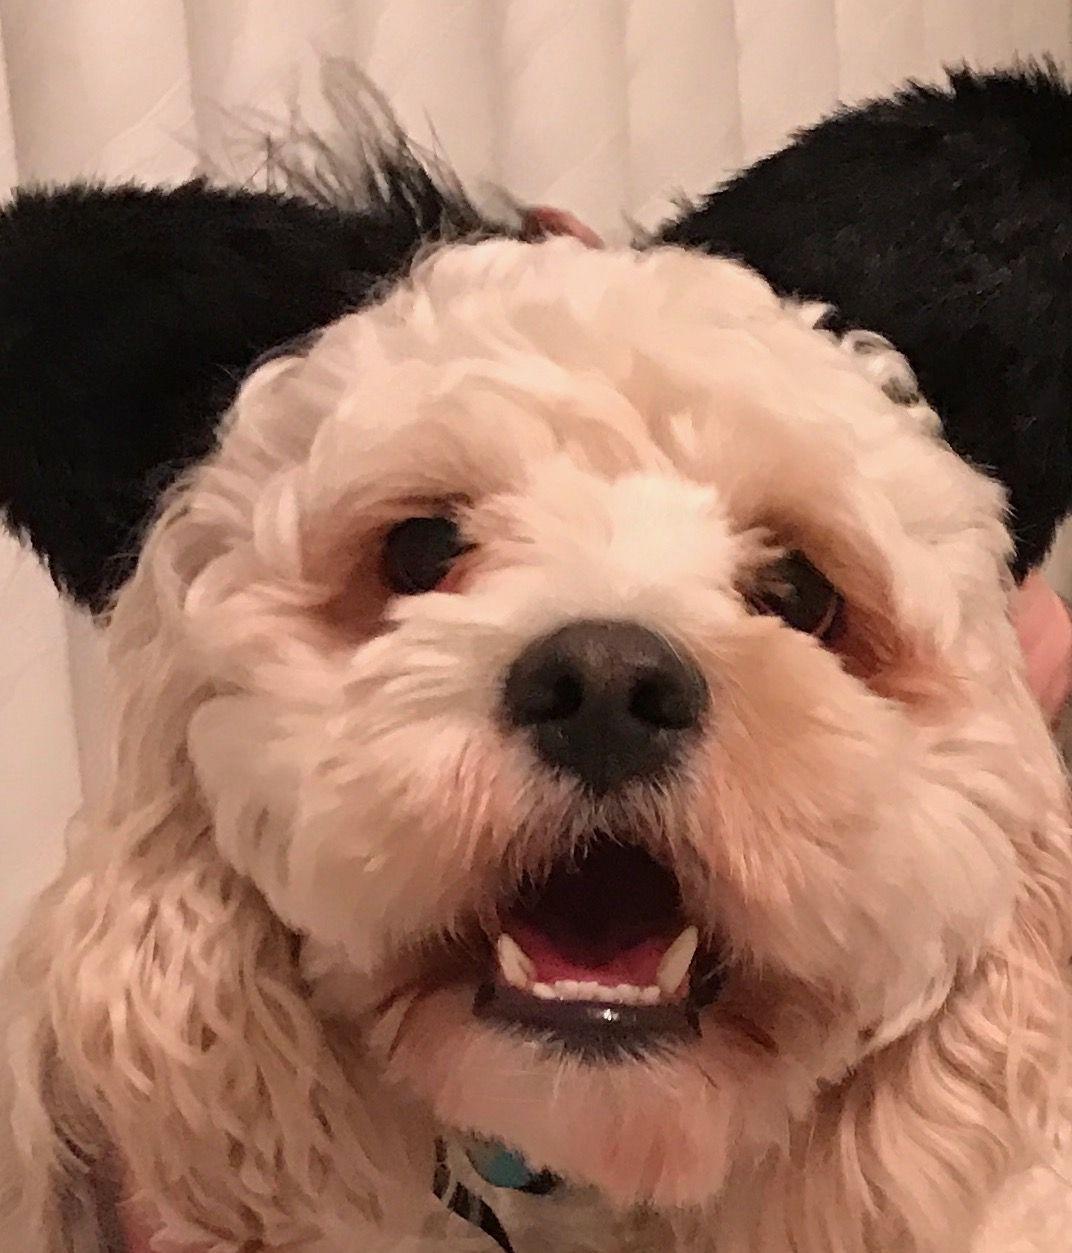 Funny Halloween ears on my cockapoo!